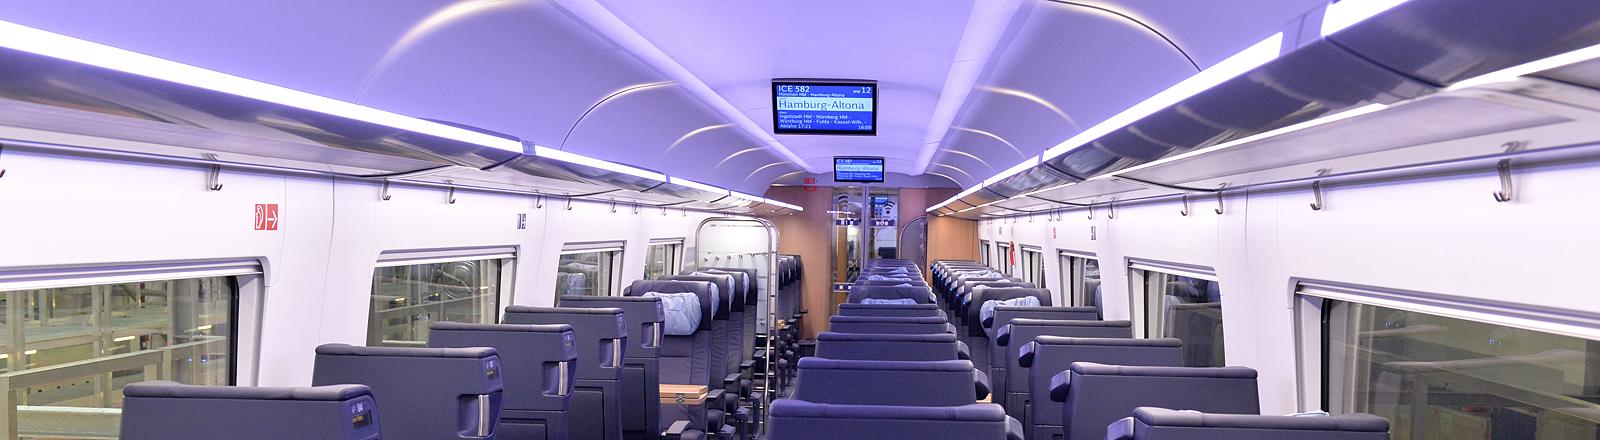 Sitzplätze im Zugwagen